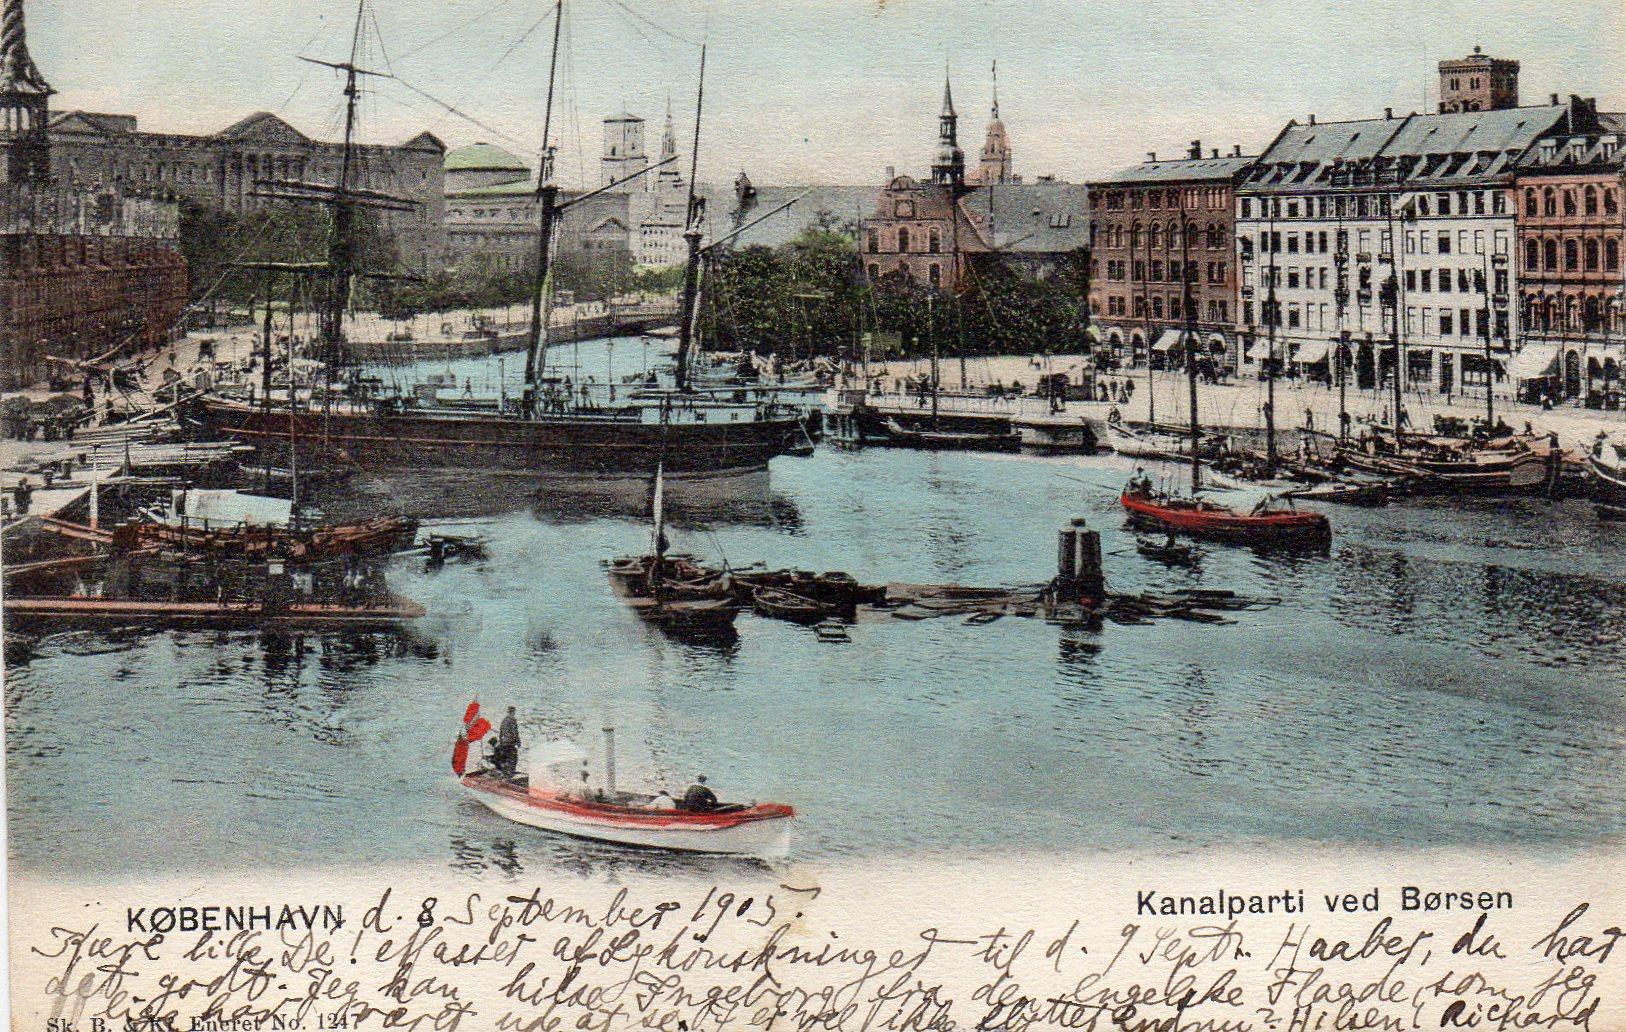 København Kanalen ved Børsen